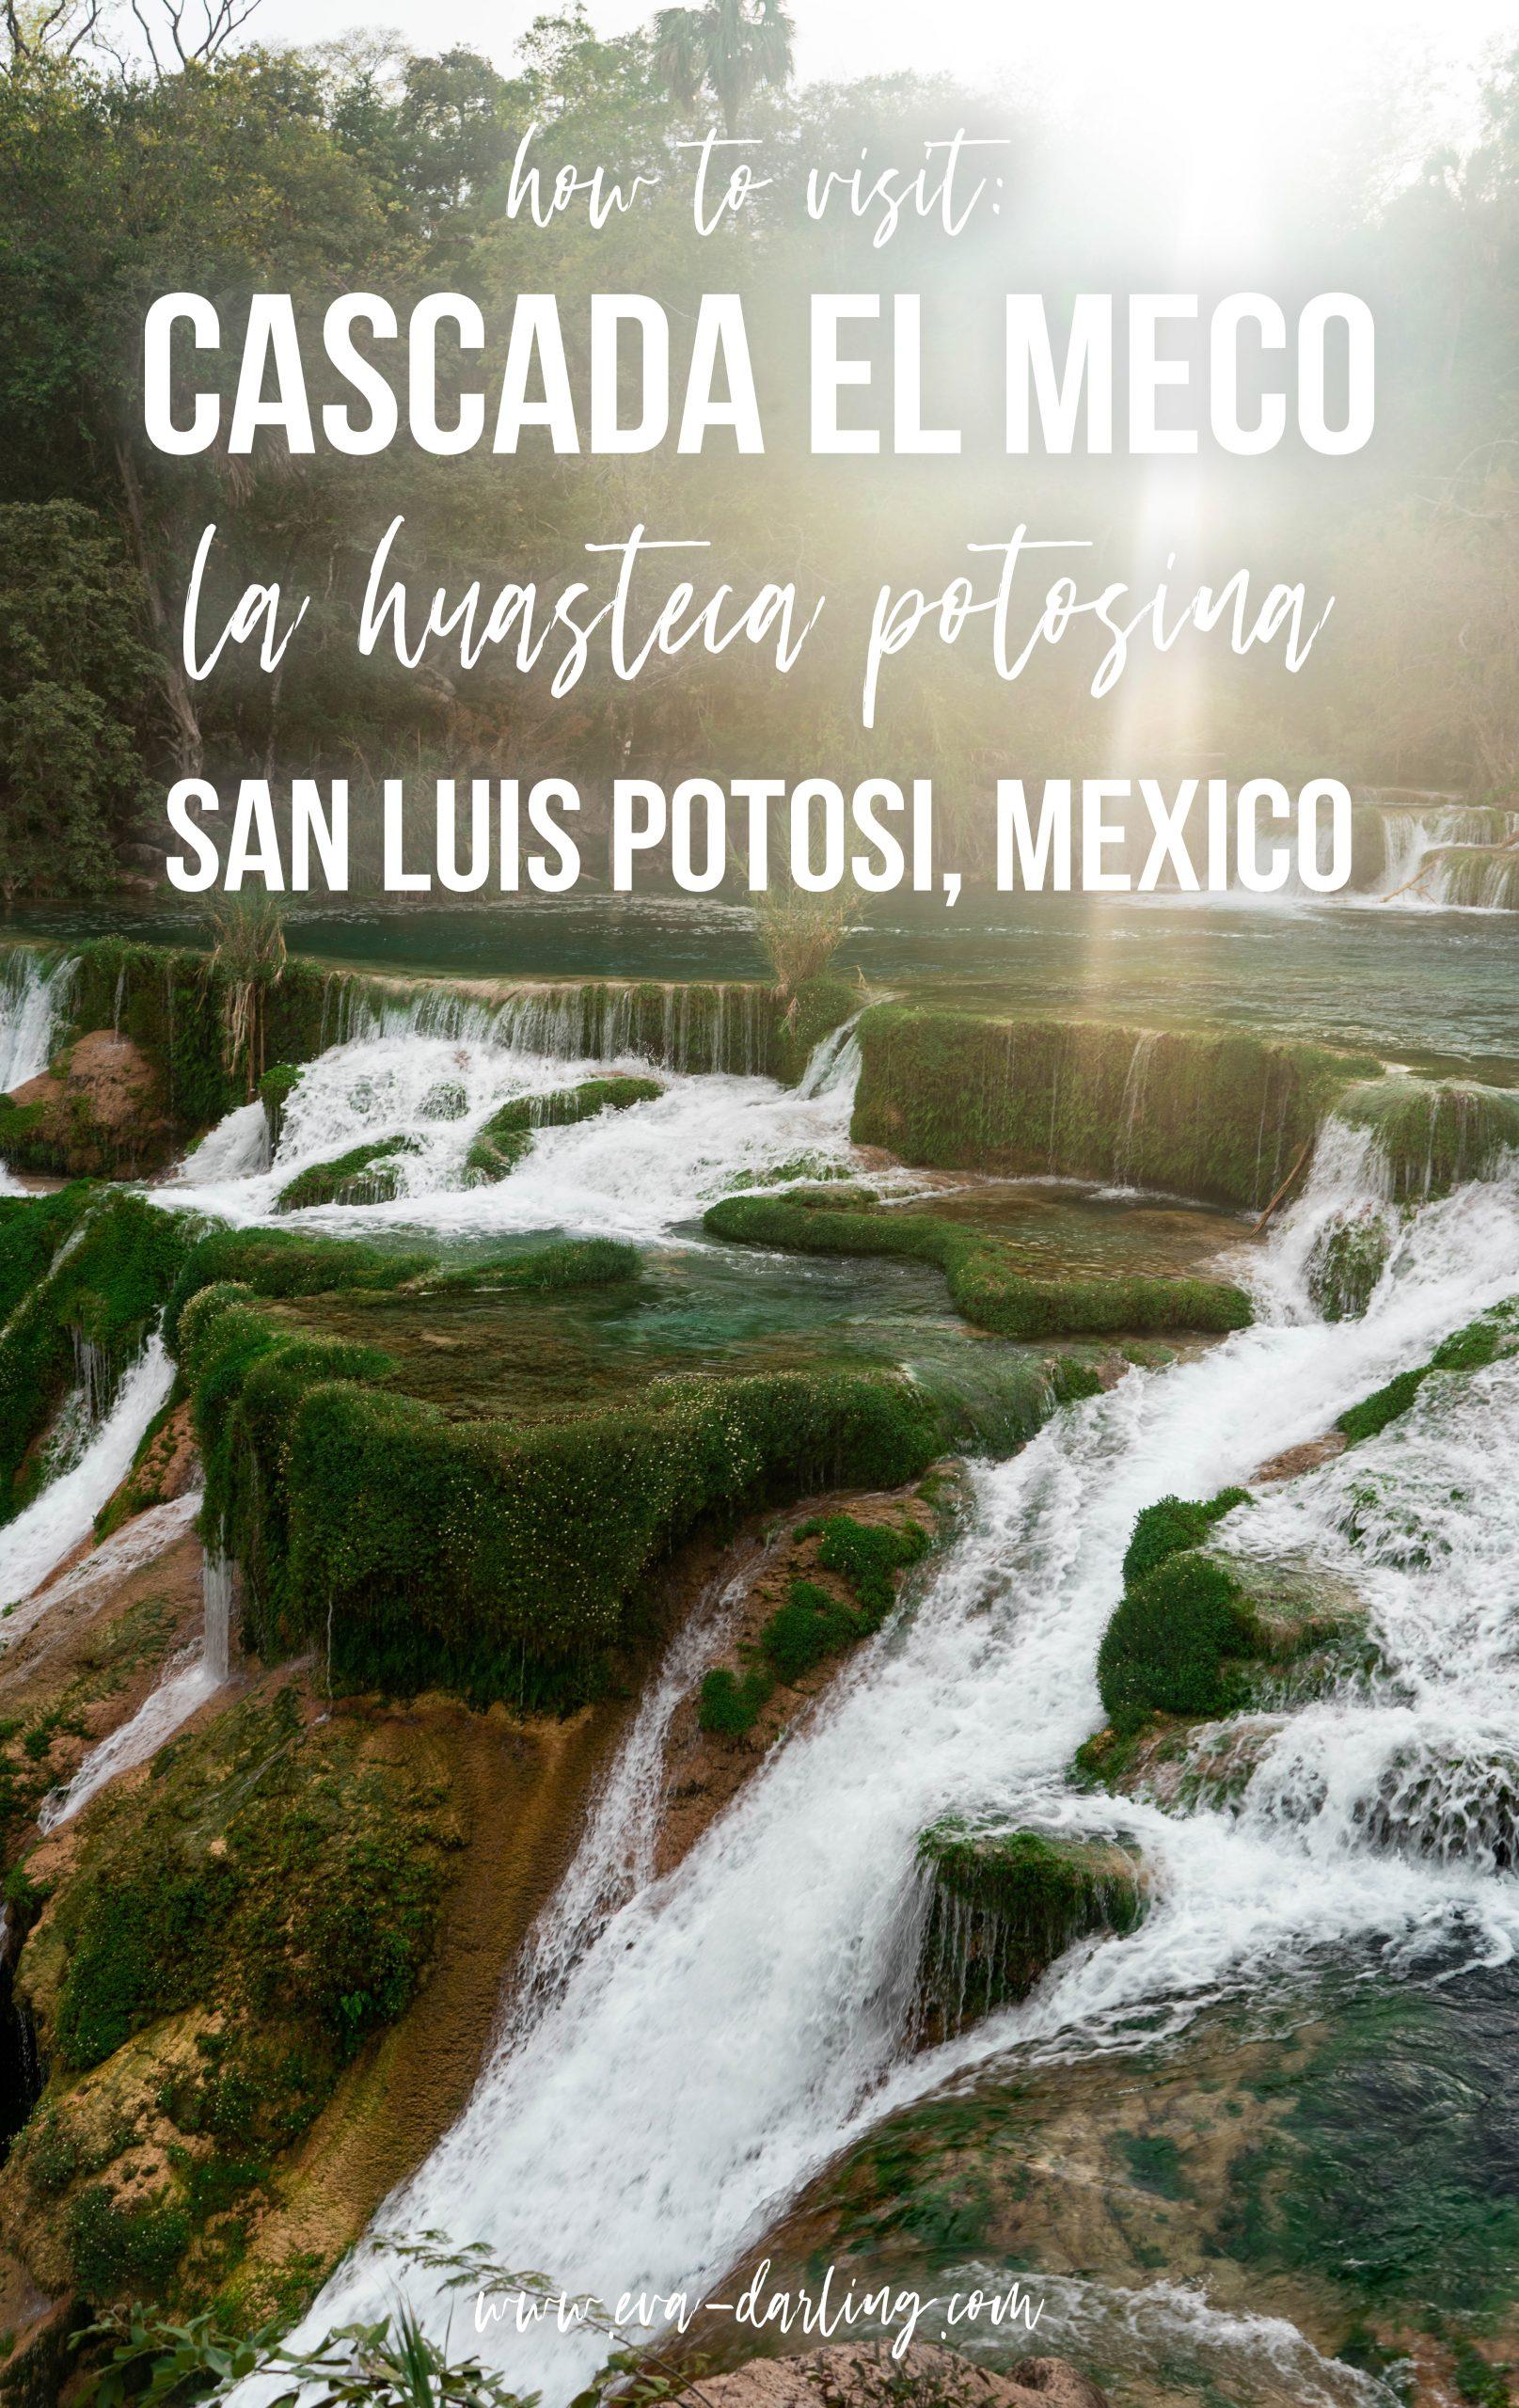 how to visit cascada el meco la huasteca potosina san luis potosi hidden gem secret waterfall mexico el naranjo salto del meco como llegar